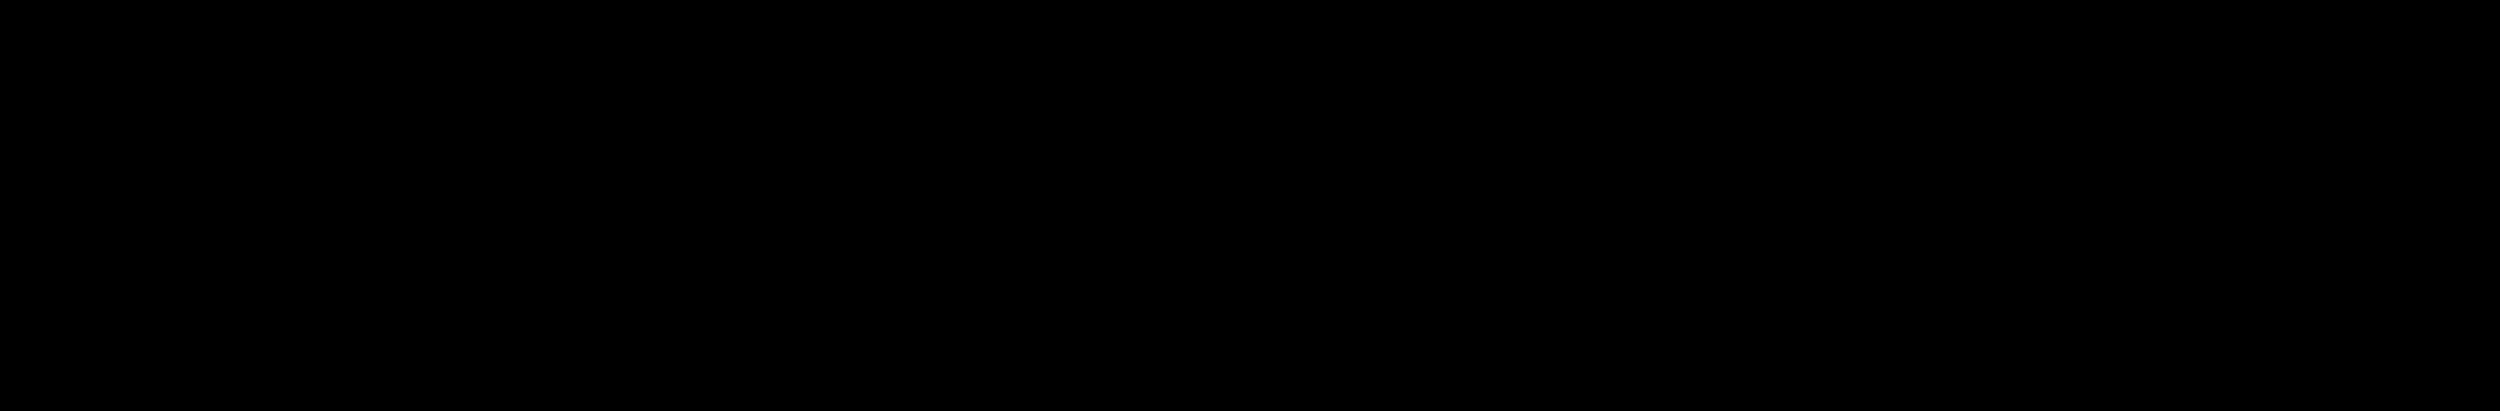 3.-espreguiçadeira.png